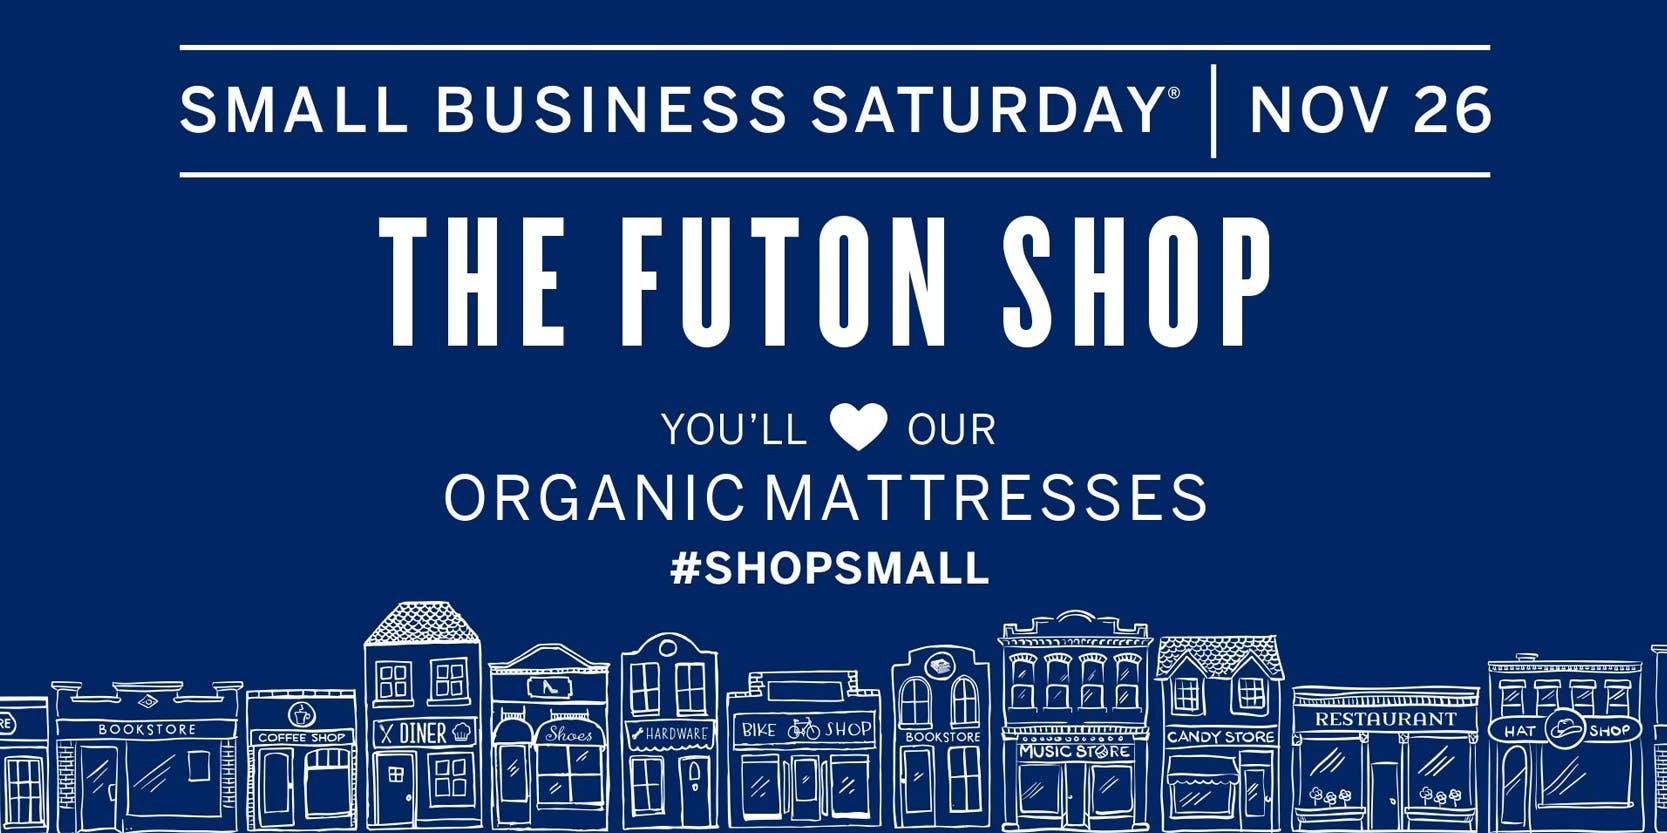 Shop at The Futon Shop